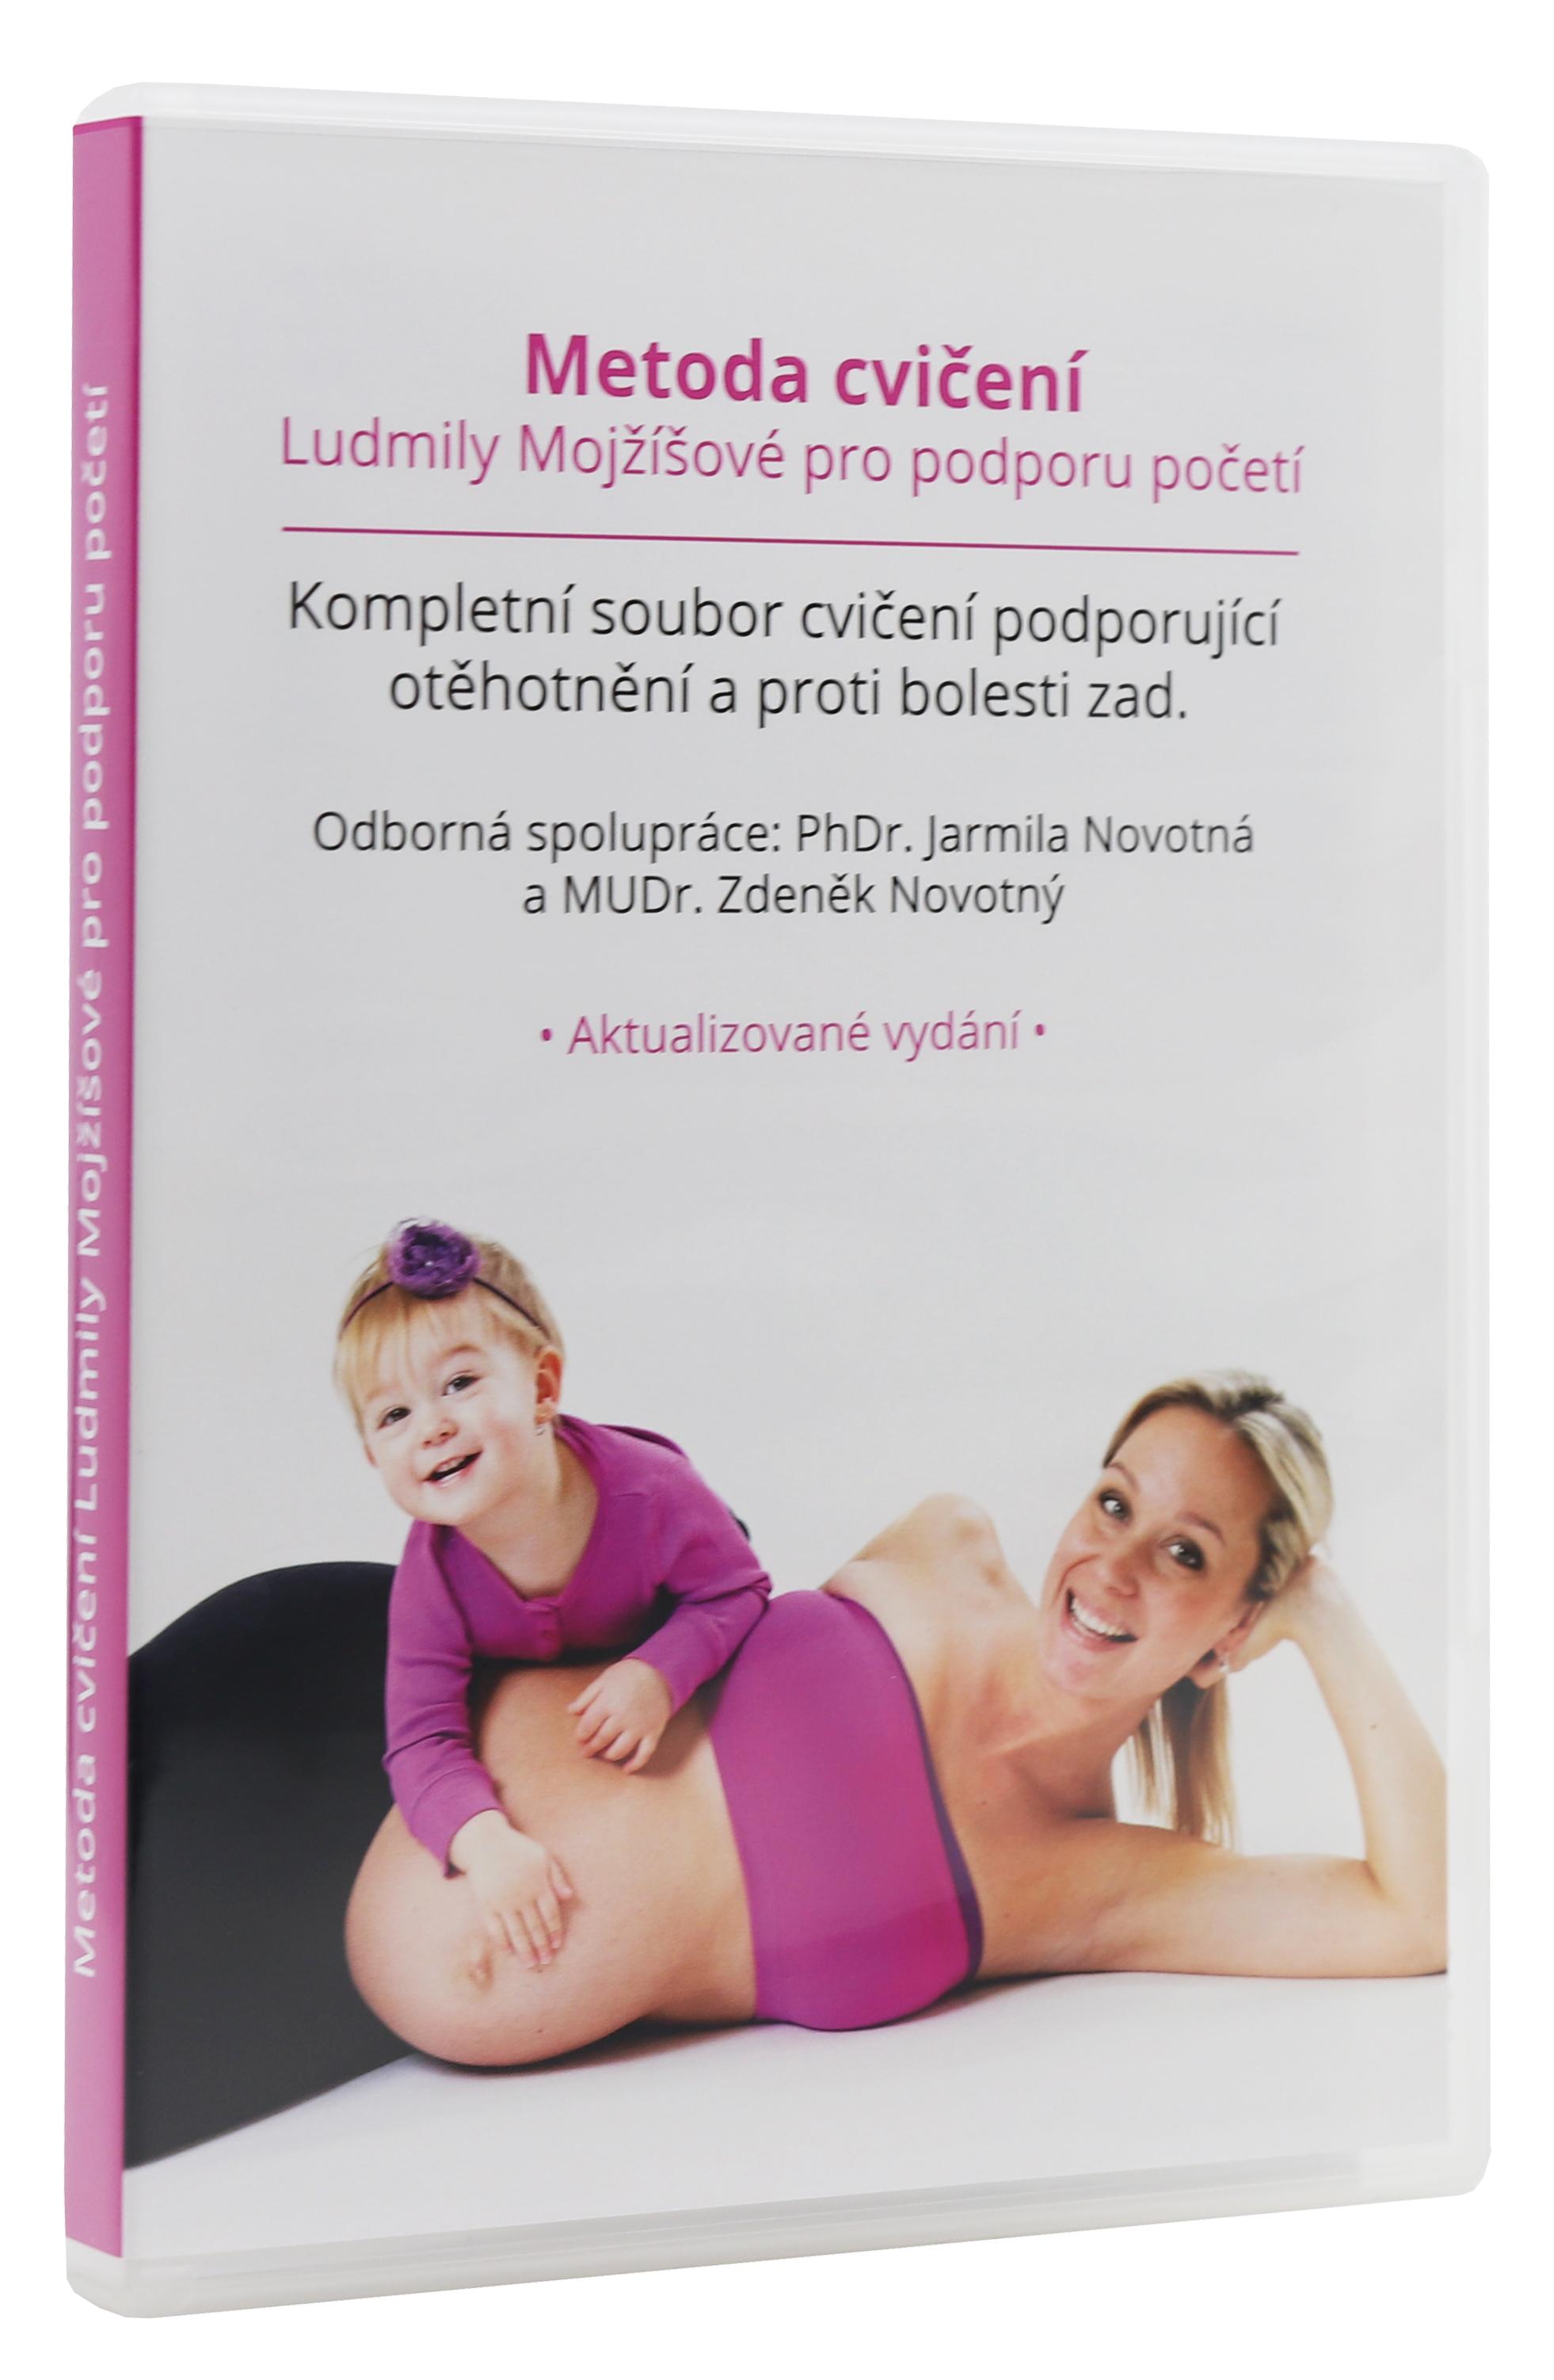 Levně Adiel DVD Metoda Ludmily Mojžíšové pro otěhotnění